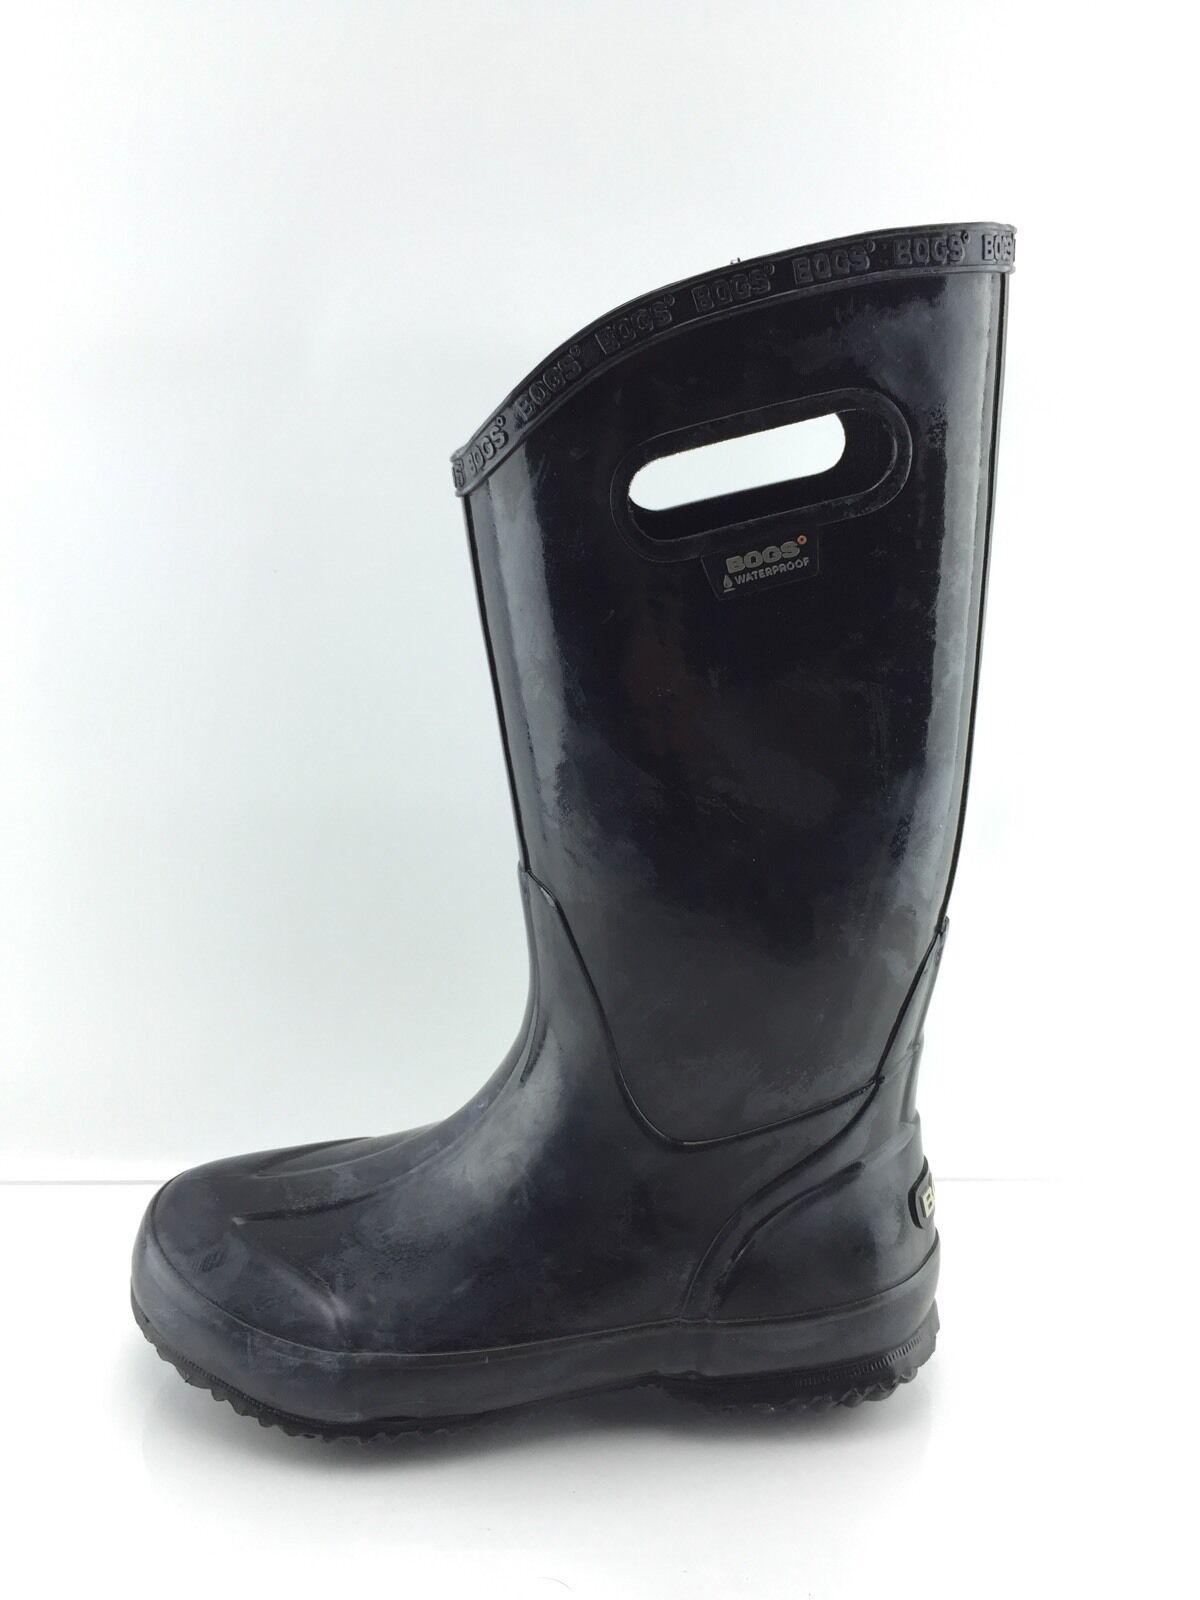 Bogs Women's Black Rubber Boots Rain Boots Rubber 6 59d1c1